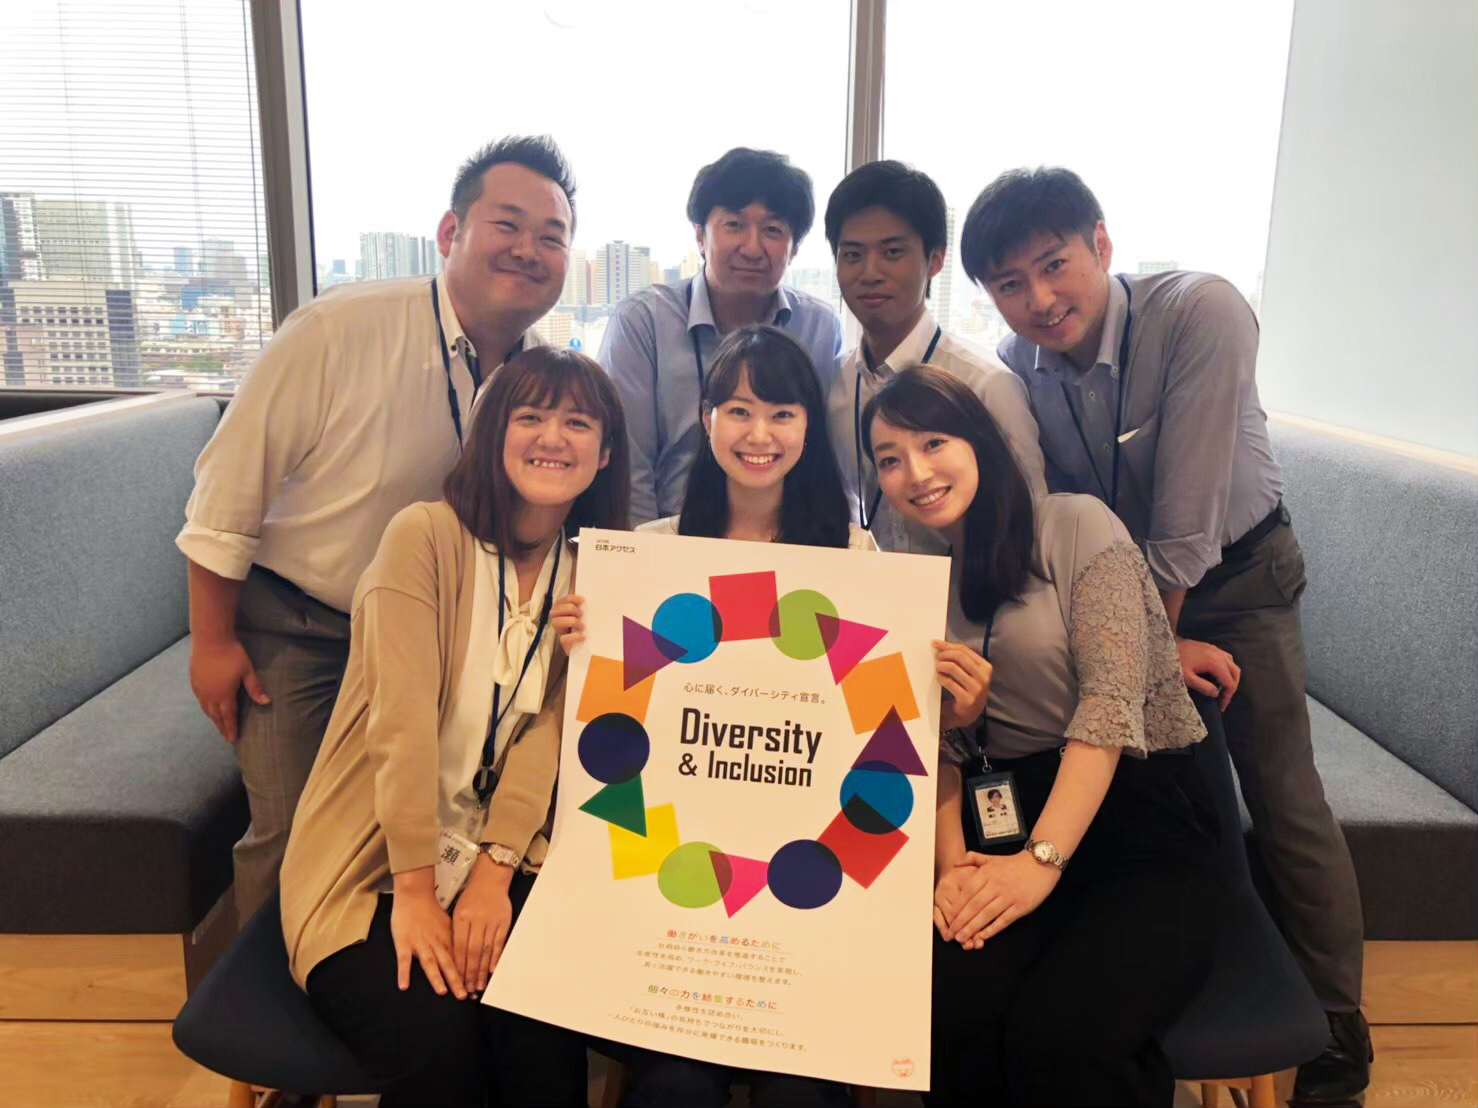 日本アクセス 採用 新卒 人事